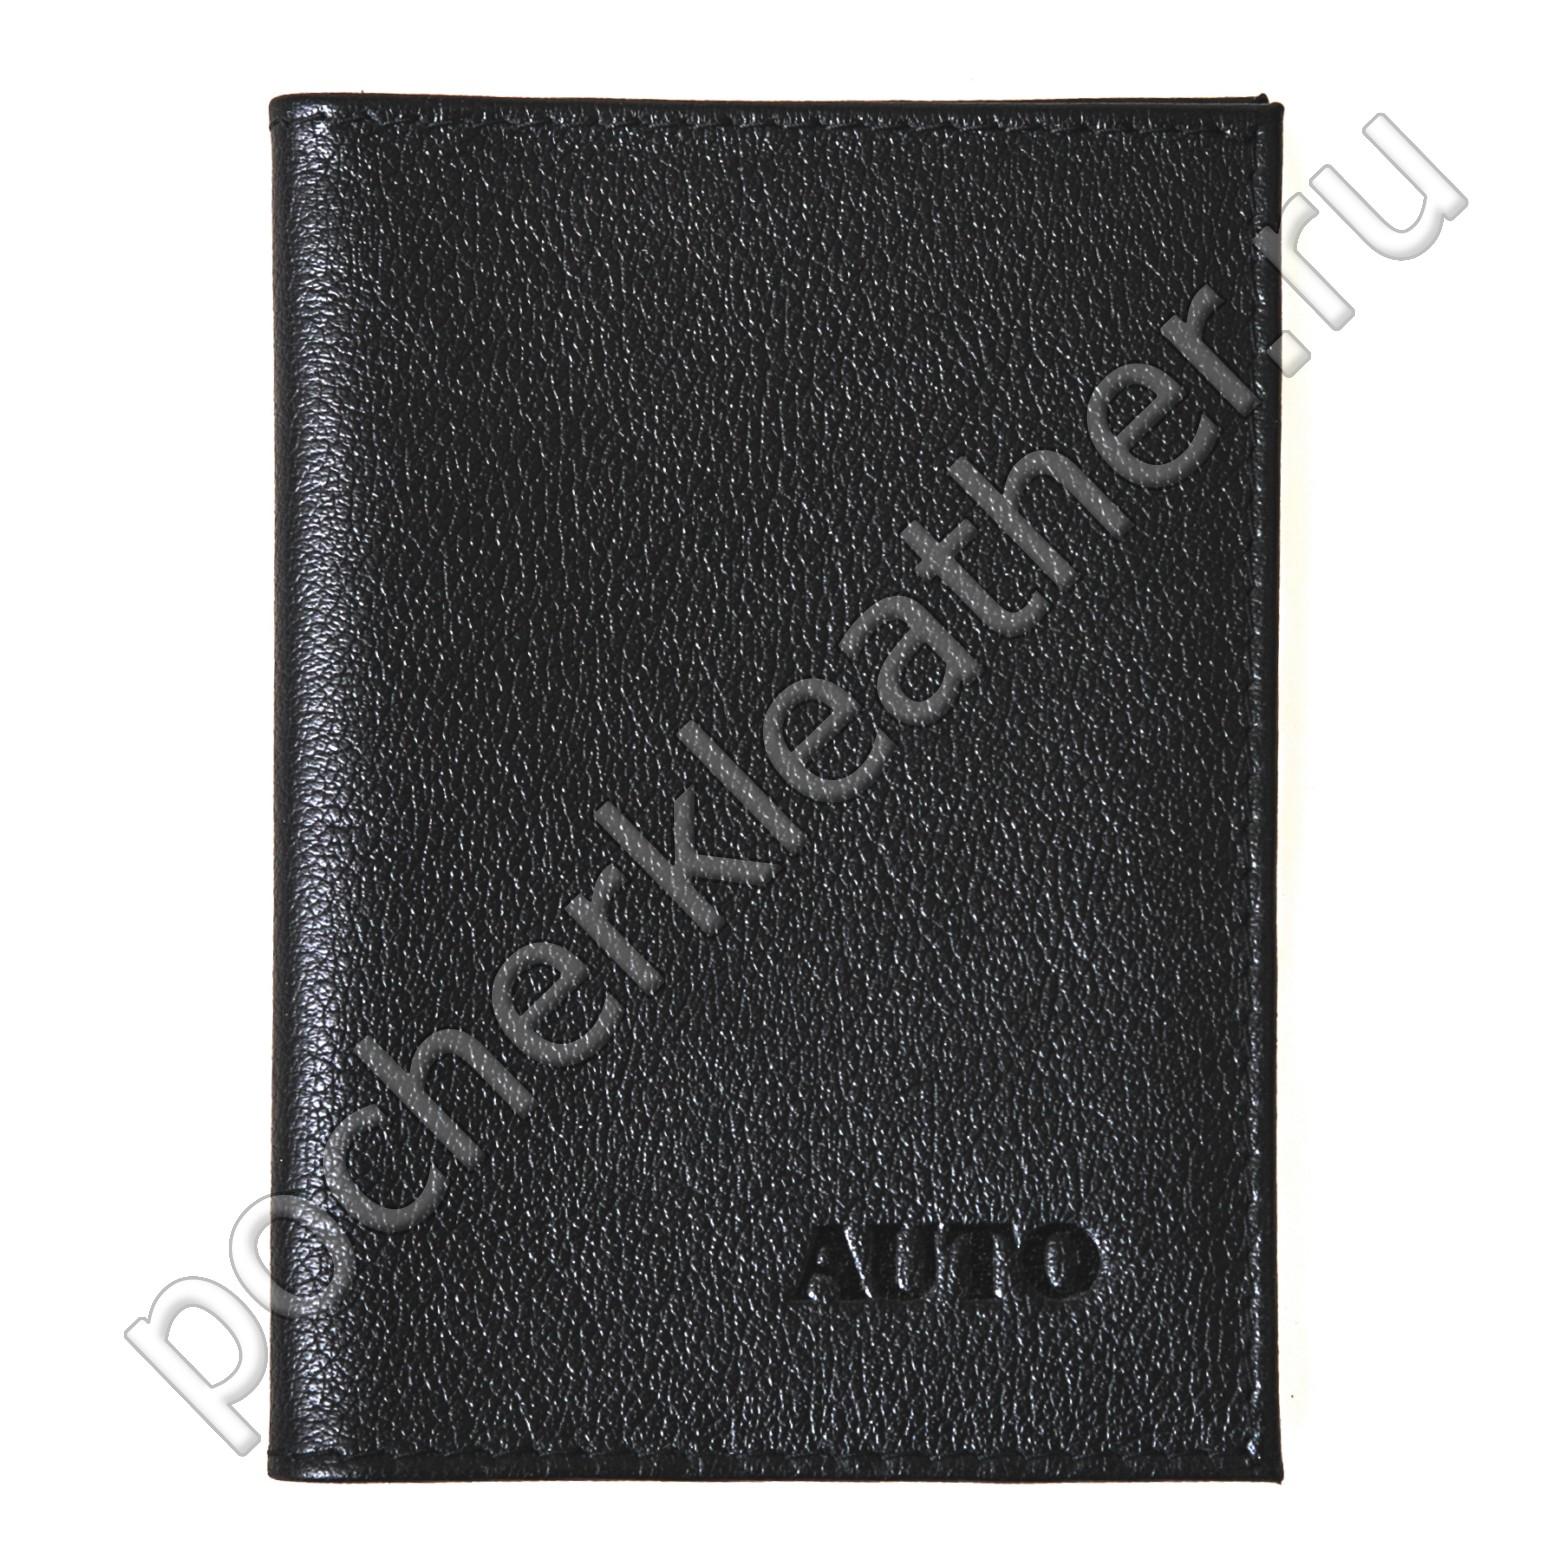 Обложка для водительских документов 5100